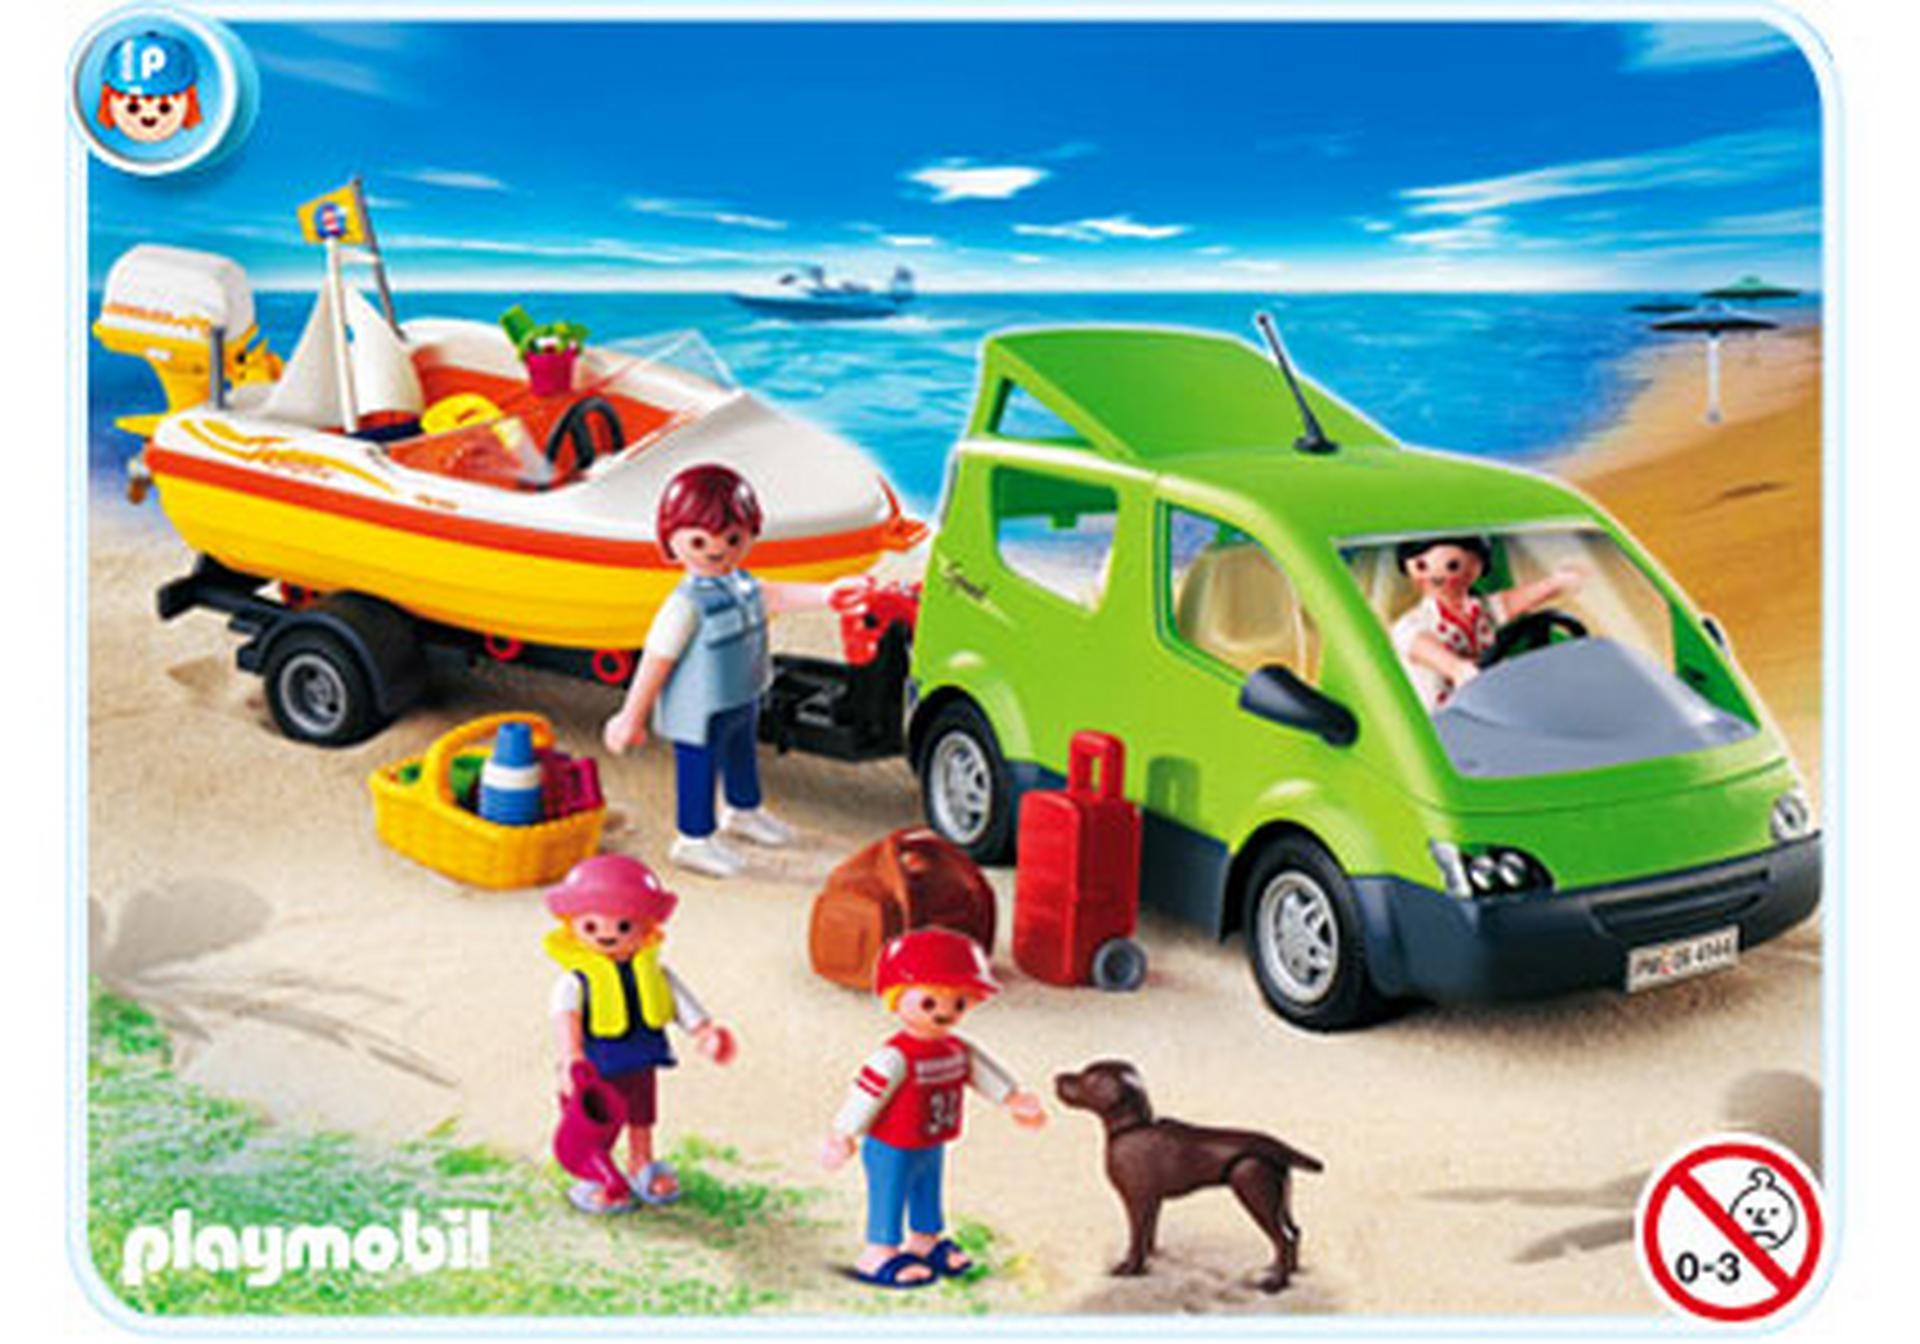 voiture familiale avec remorque porte bateaux 4144 a playmobil france. Black Bedroom Furniture Sets. Home Design Ideas